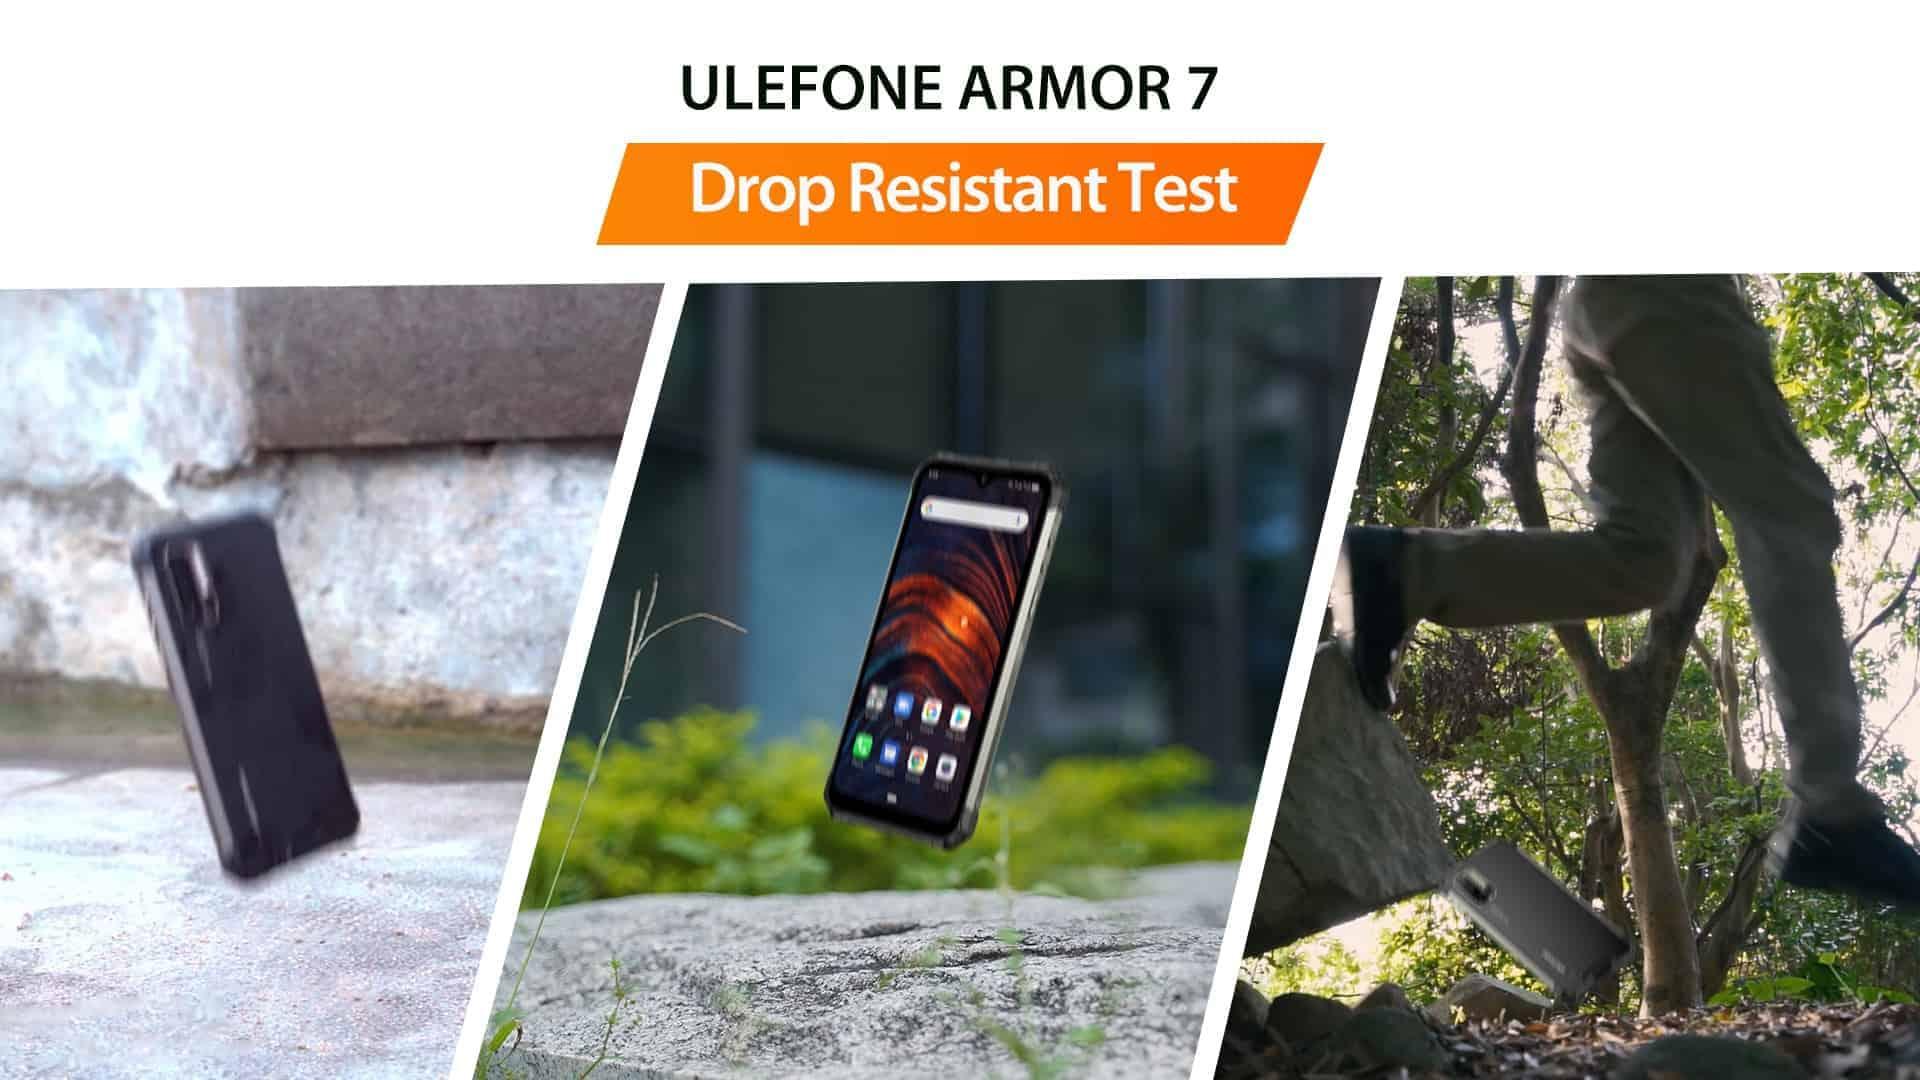 Ulefone Armor 7 image 34